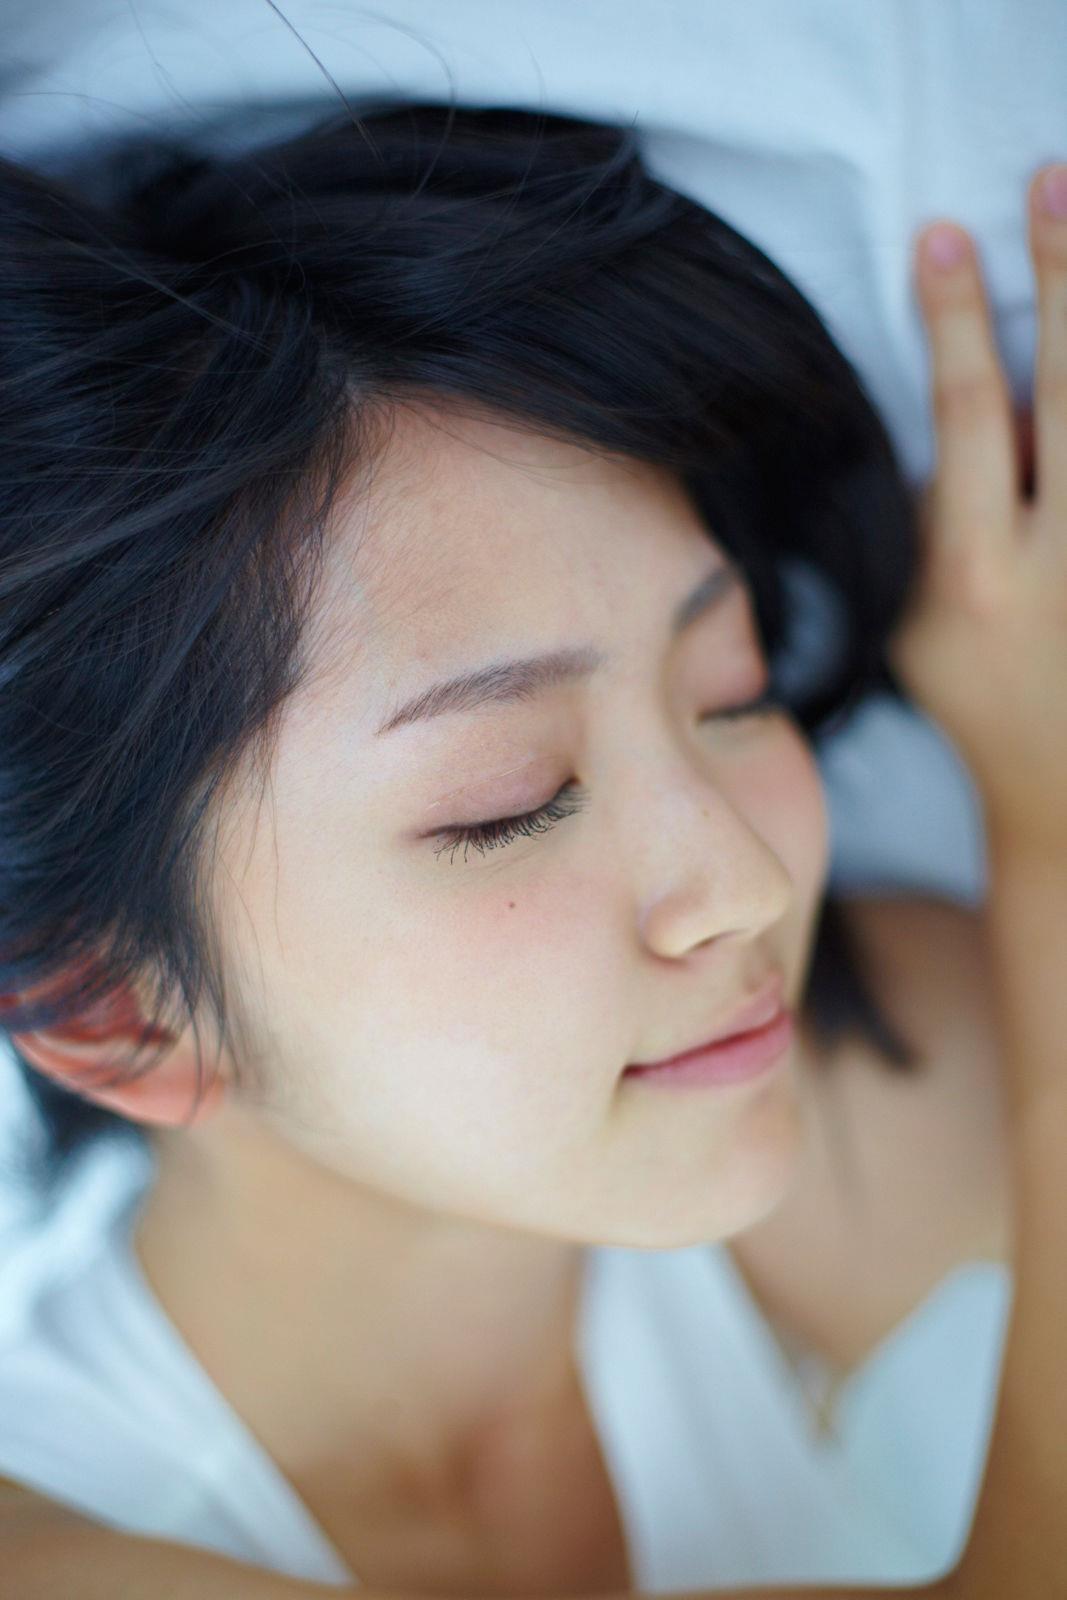 鈴木愛理(℃-ute) セクシー画像 61